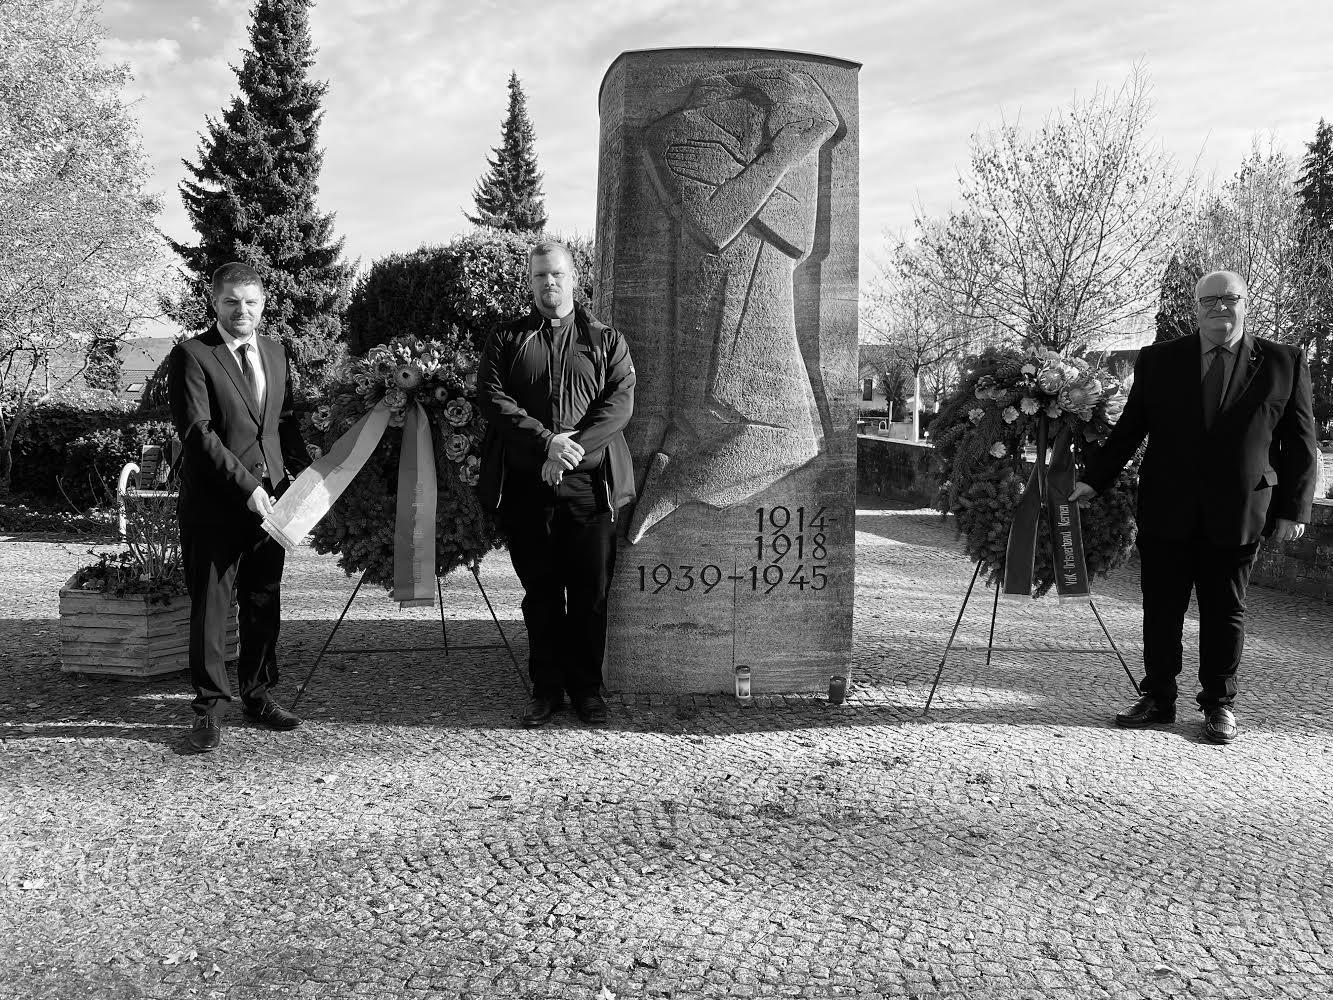 Bürgeremeister Paulowitsch mit Pfarrer Maisenbacher und Udo Rauhut (VdK) bei der Kranzniederlegung am Mahnmal in Rommelshausen.